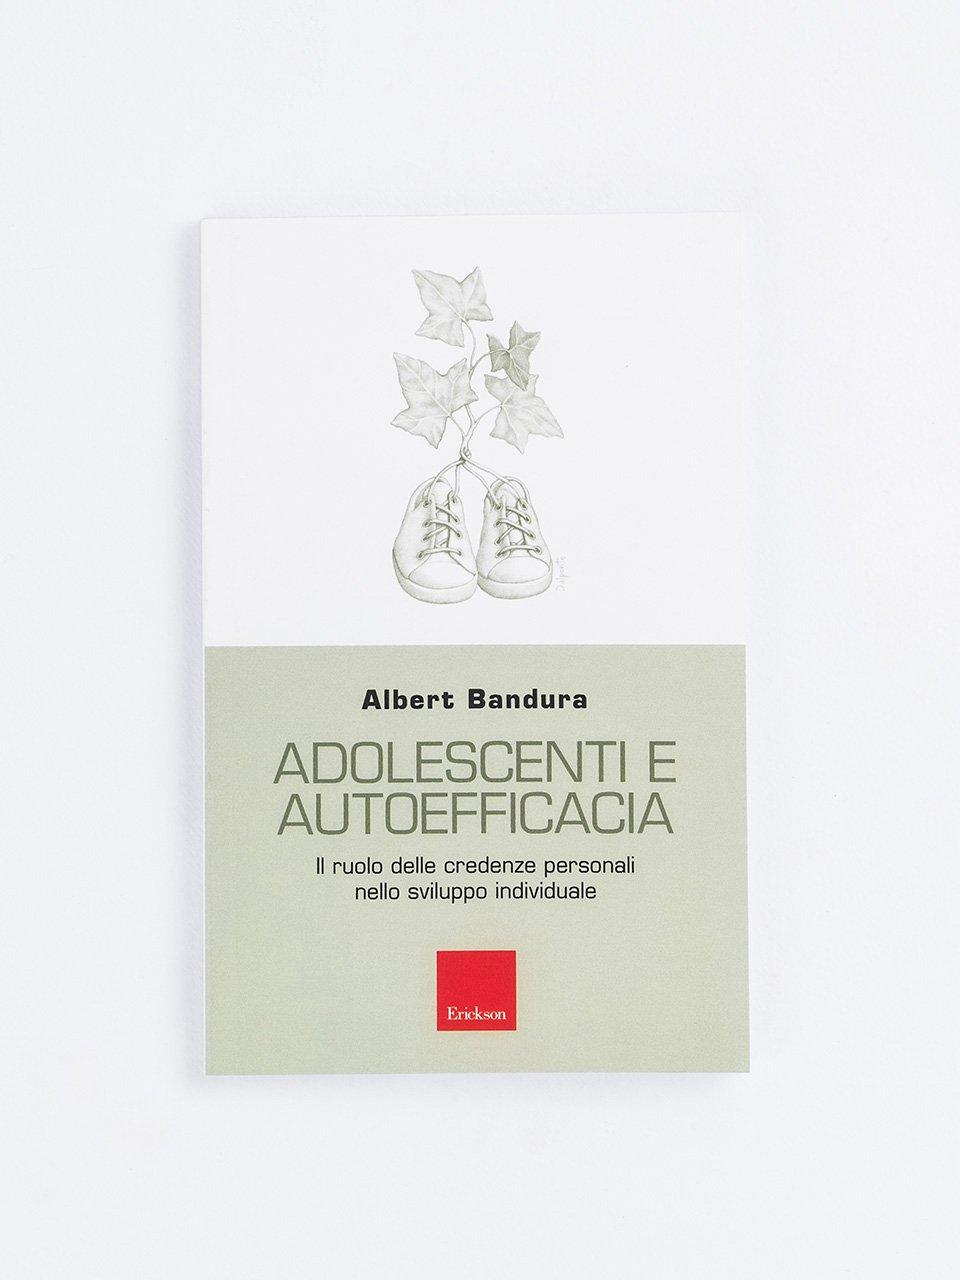 Adolescenti e autoefficacia - Fare il male continuando a vivere bene - Erickson